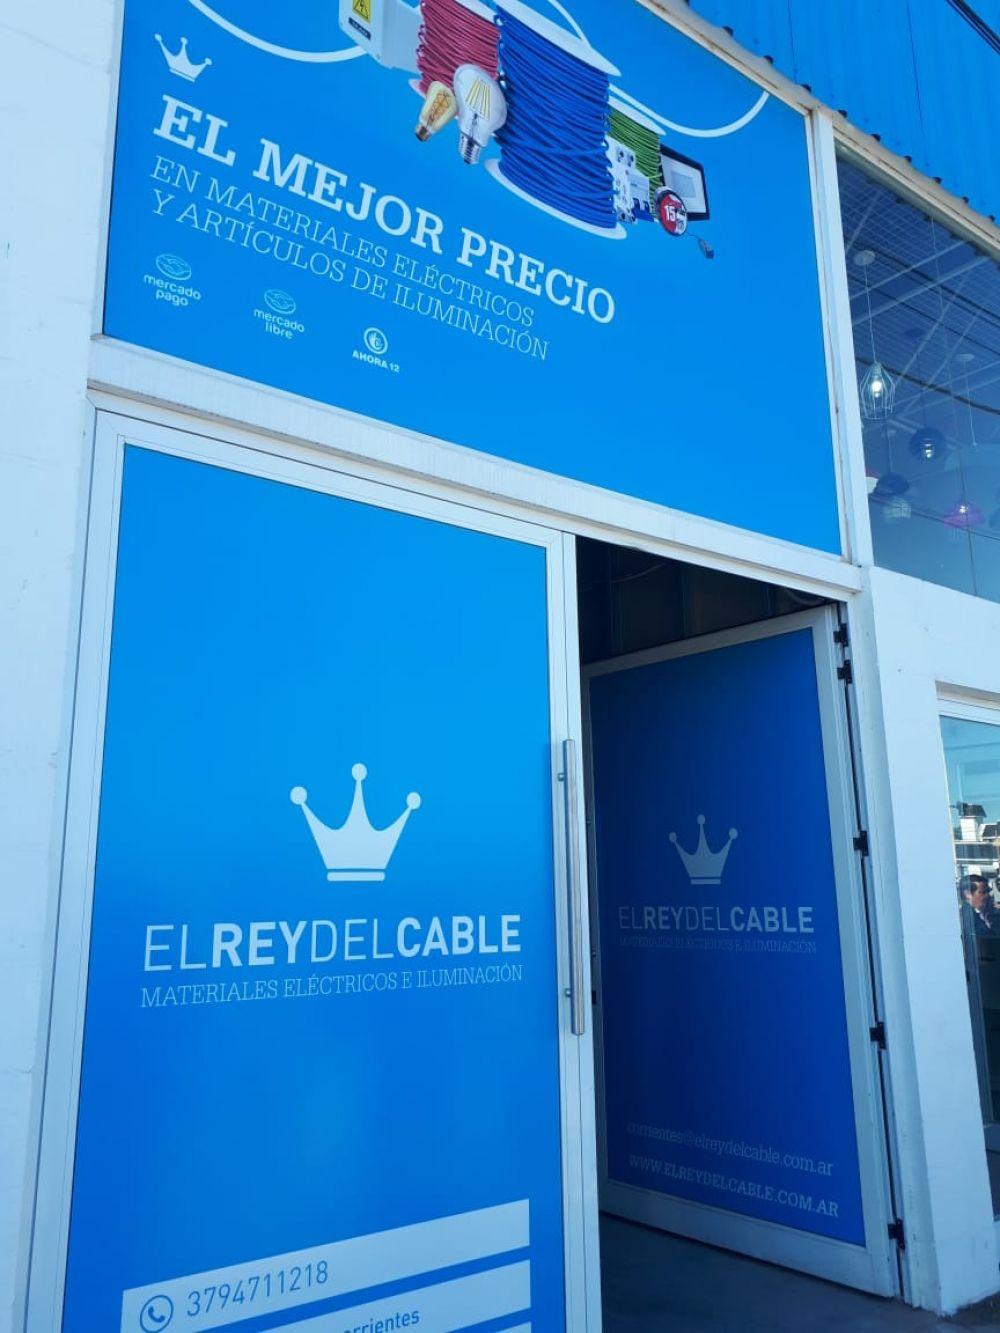 foto: El Rey del Cable llegó a Corrientes con los mejores precios